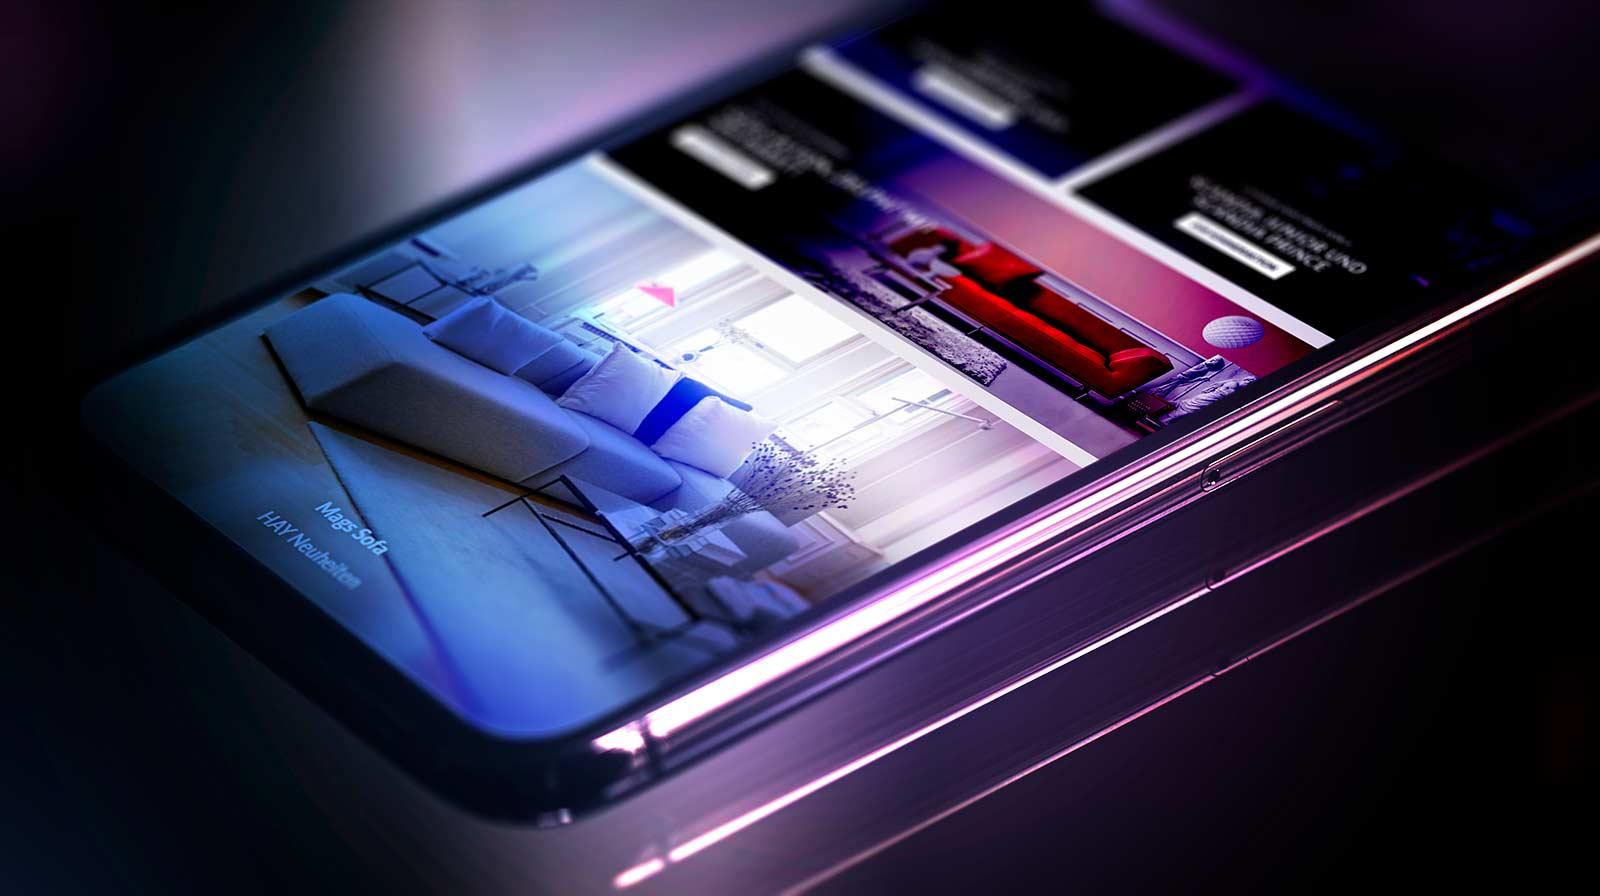 Grafik-Design Full-Service Digital Agentur für Web-Design, Online-Shop Realisierungen, SEO, Graphic-Design, Fotografie, Foto-Retouching und Digital Photo-Composing ShowMyProject Basel